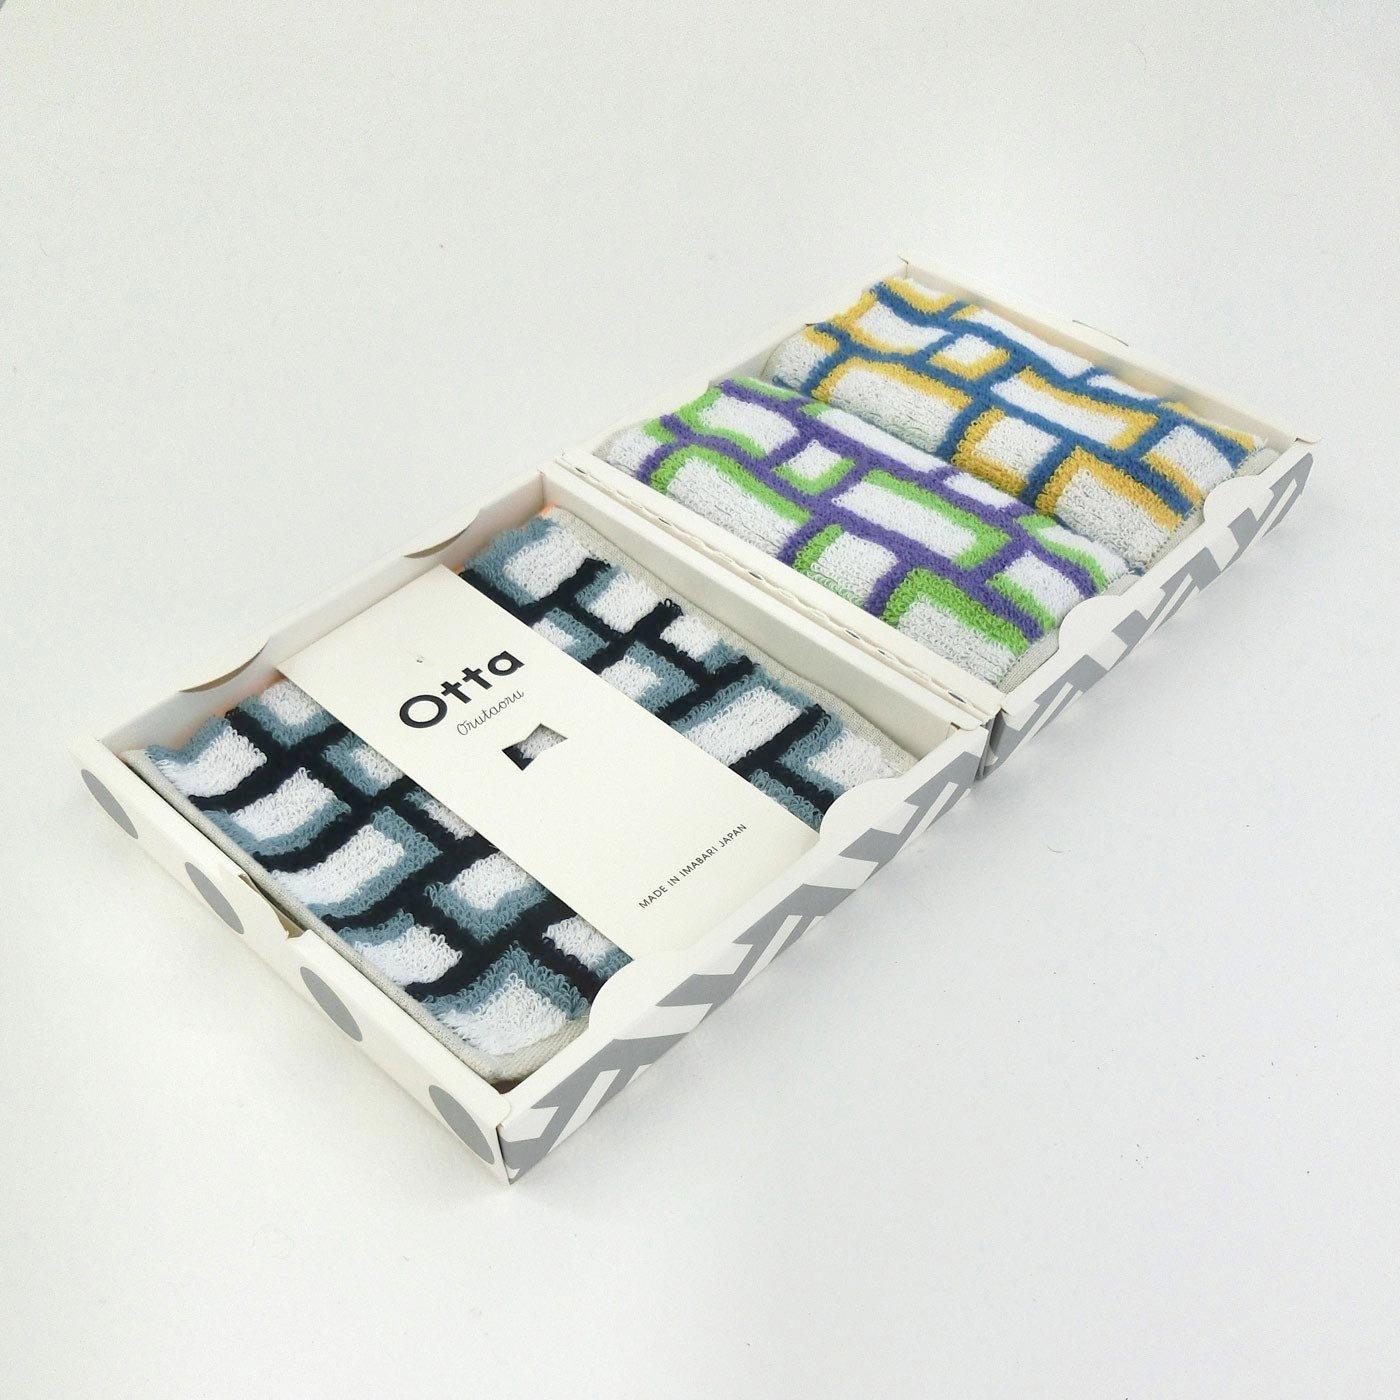 さすが今治タオルの吸水性! ユニークなふたつ折りスマートハンカチ「Otta」3枚セット〈無地×柄〉